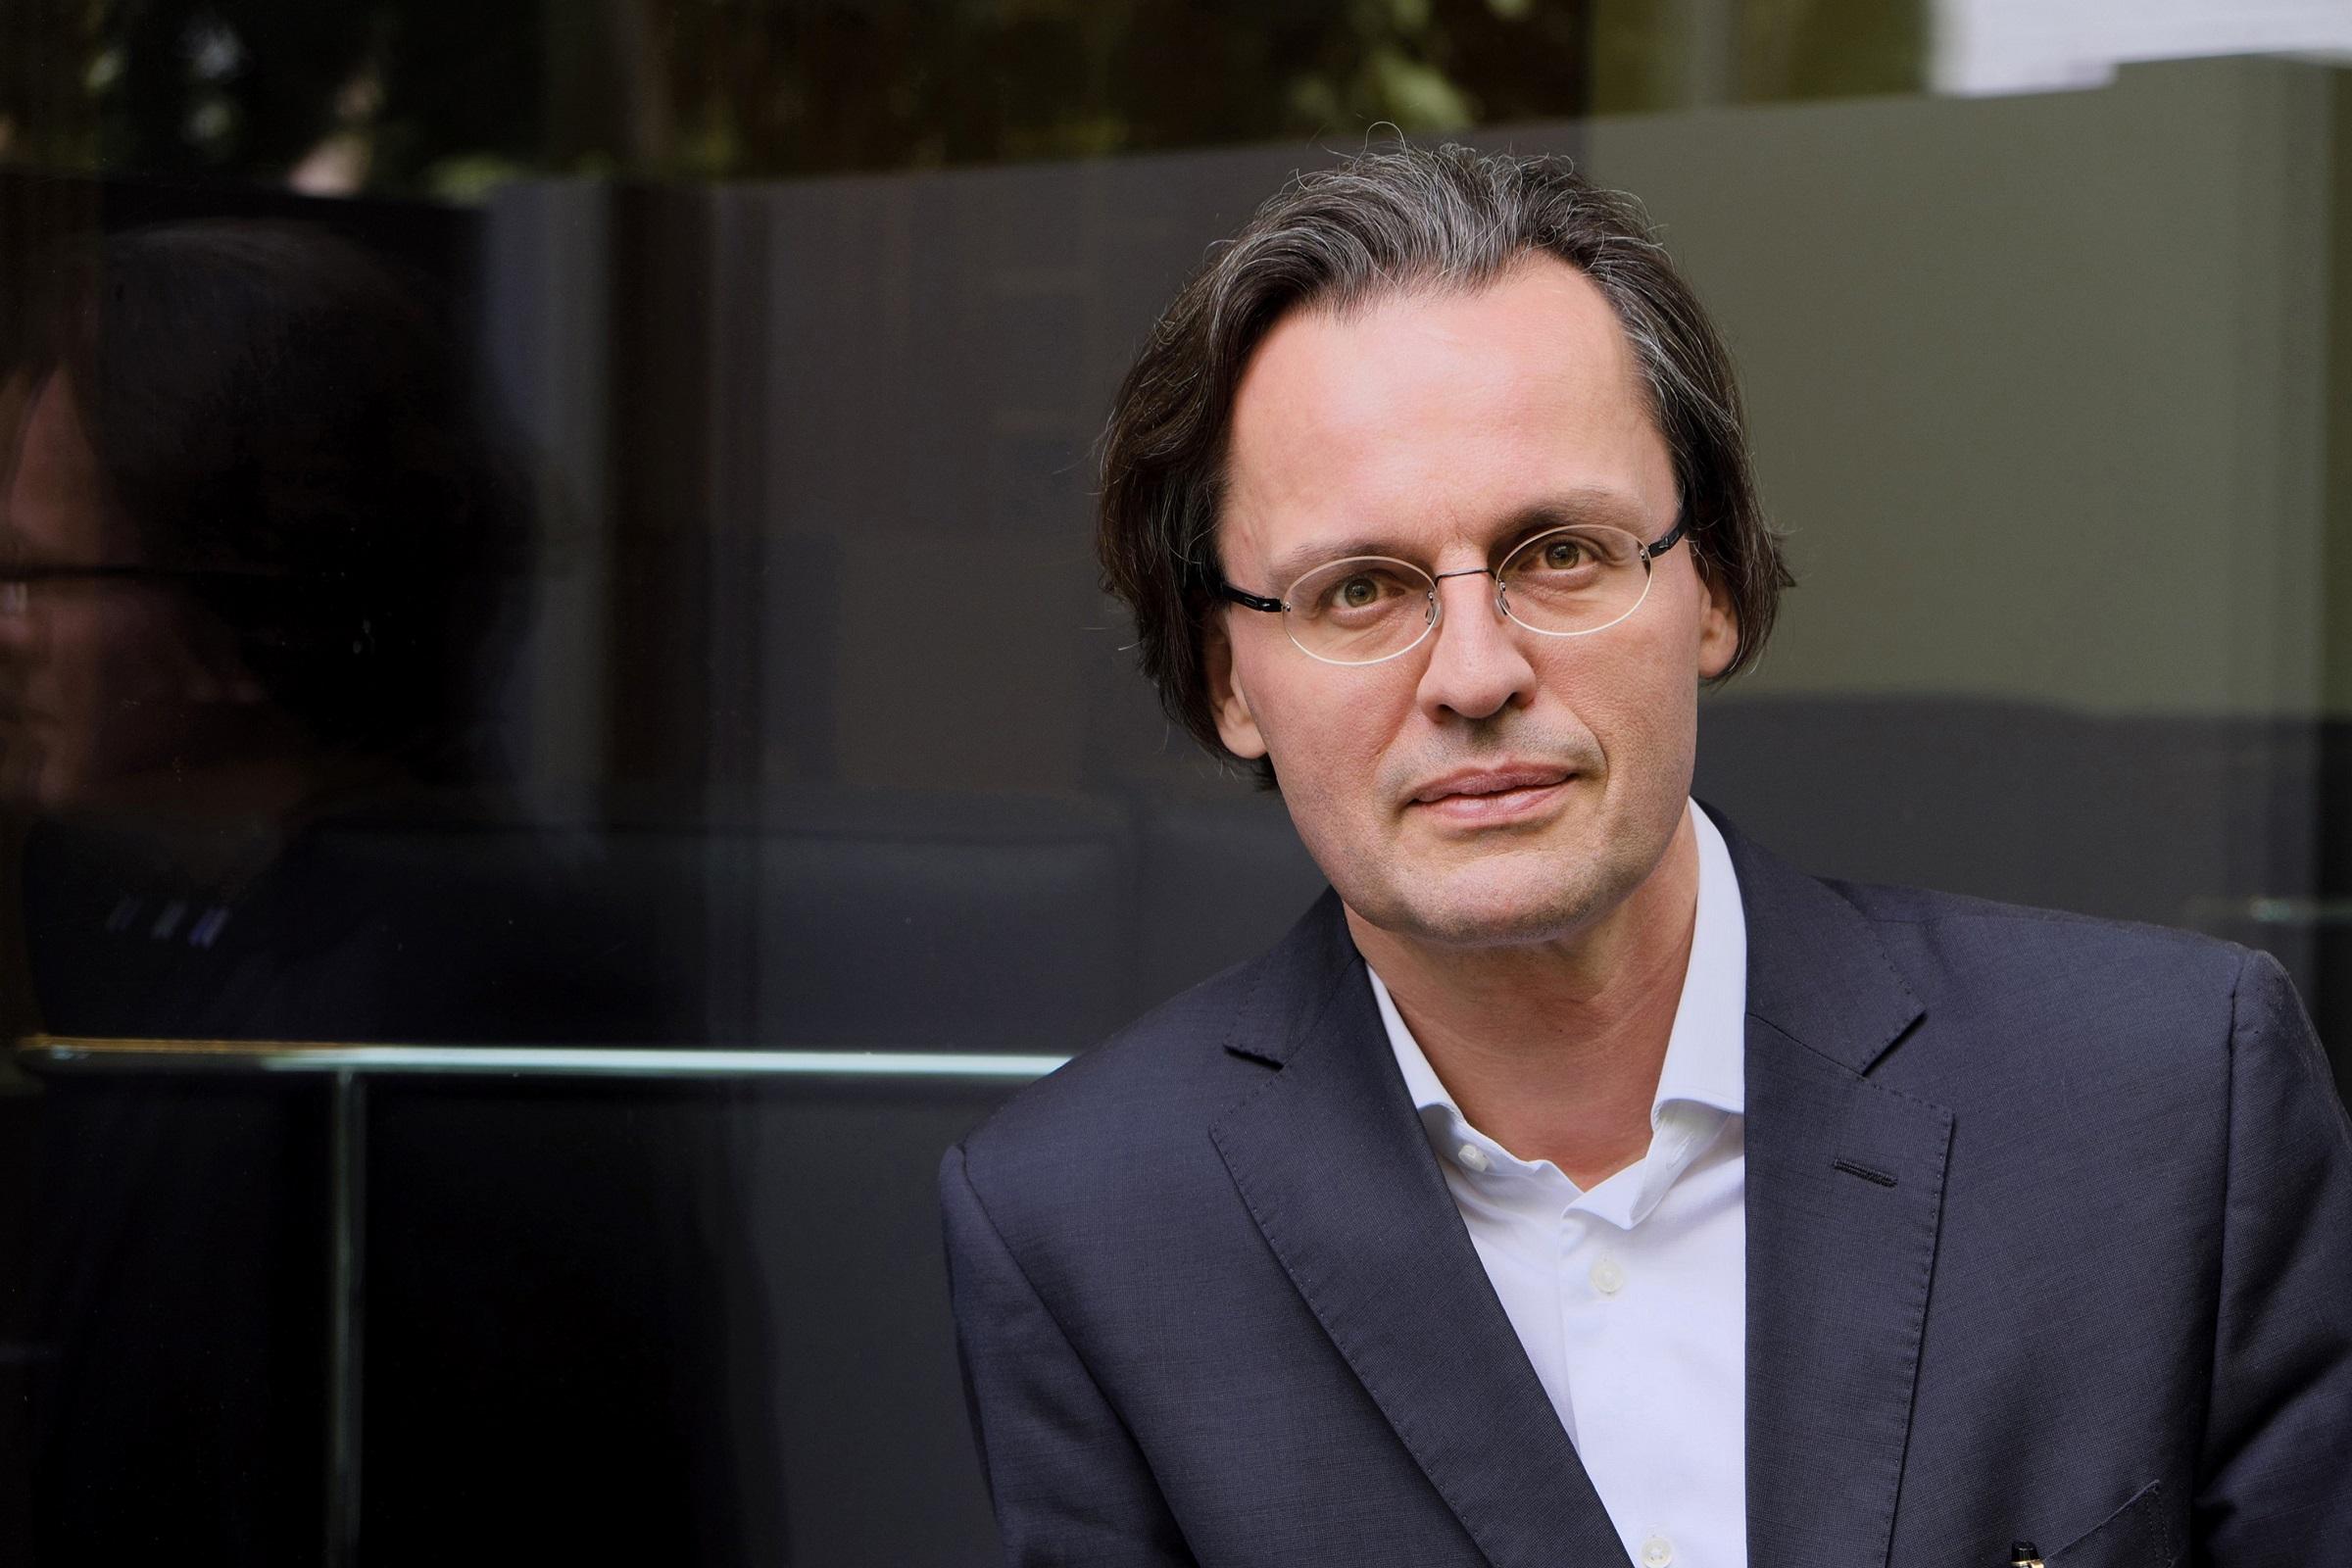 Medienwissenschaftler Bernhard Pörksen (Foto: Peter-Andreas Hassiepen)